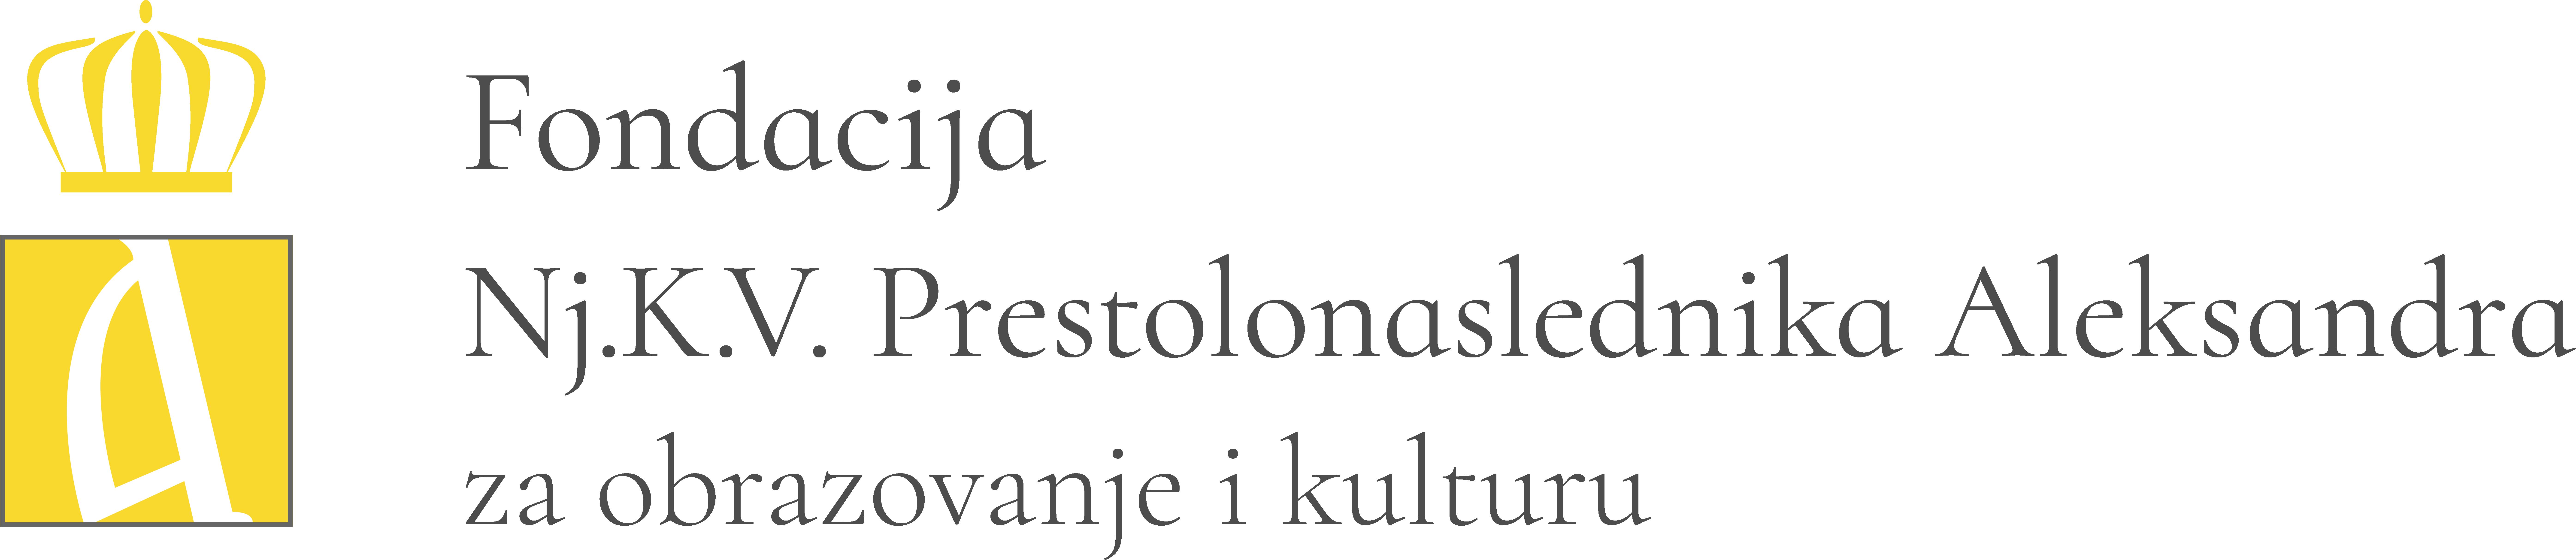 Pafond